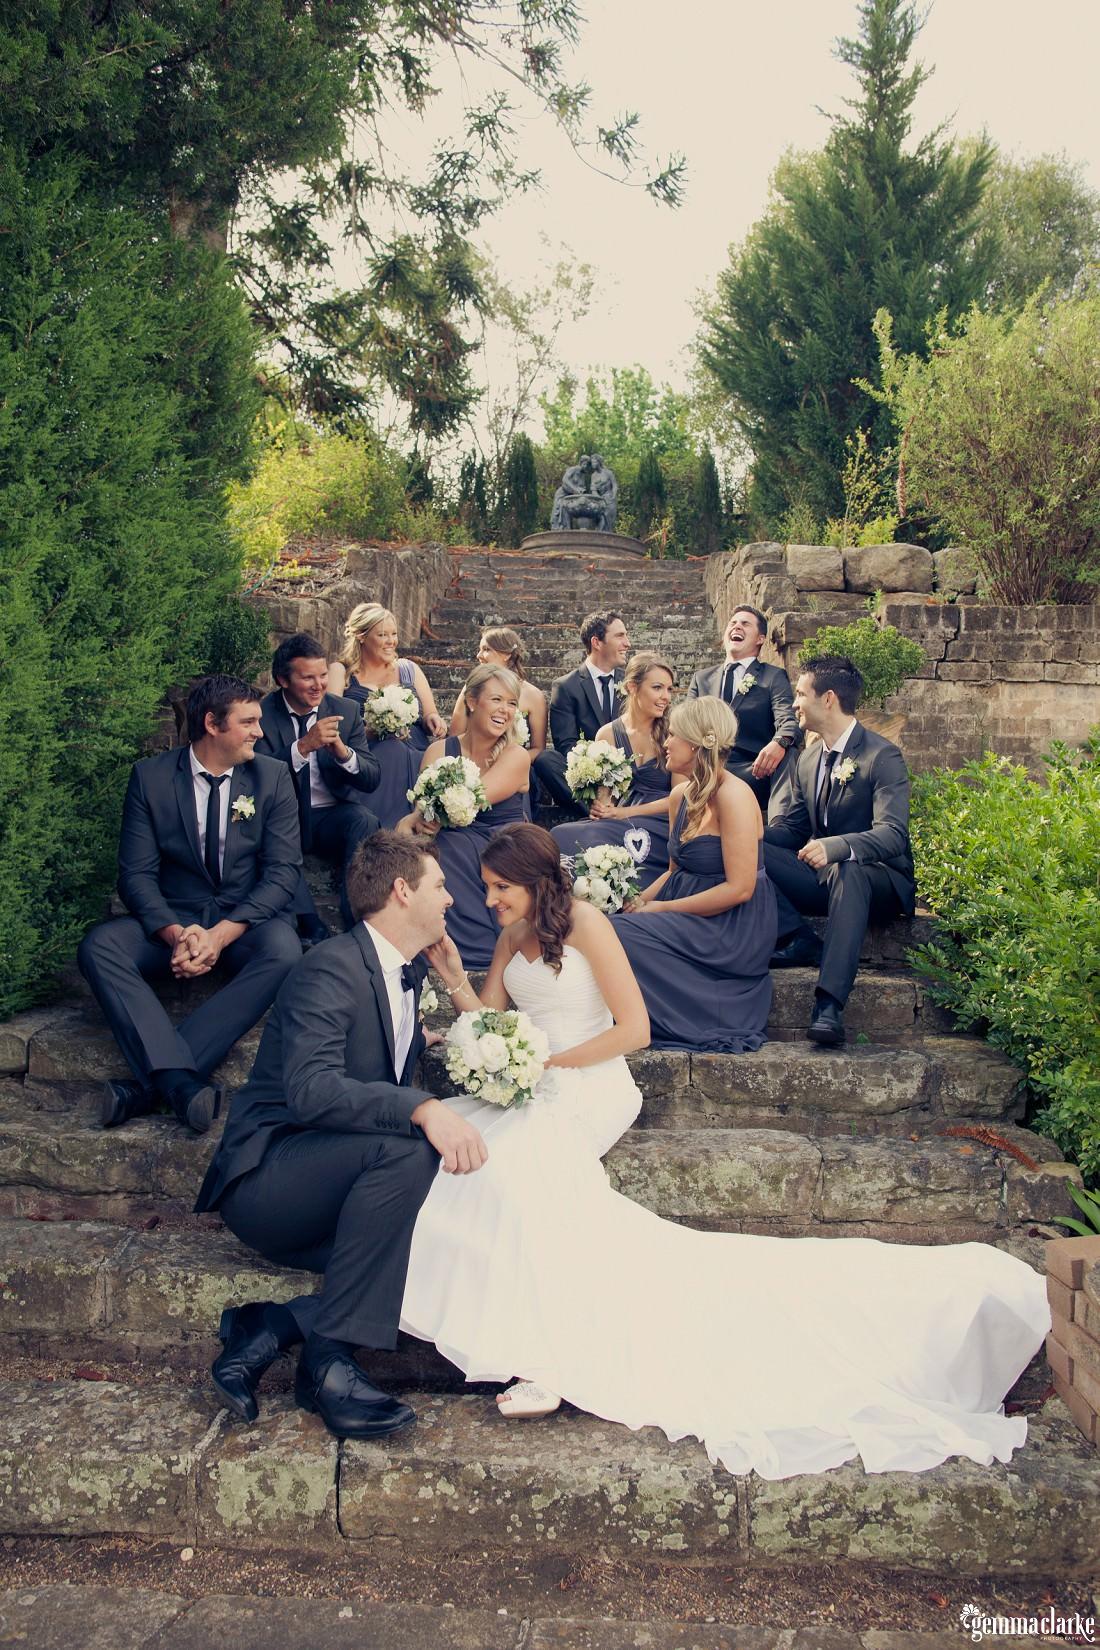 gemma-clarke-photography_camelot-wedding_camden-wedding_jess-and-ben_0027